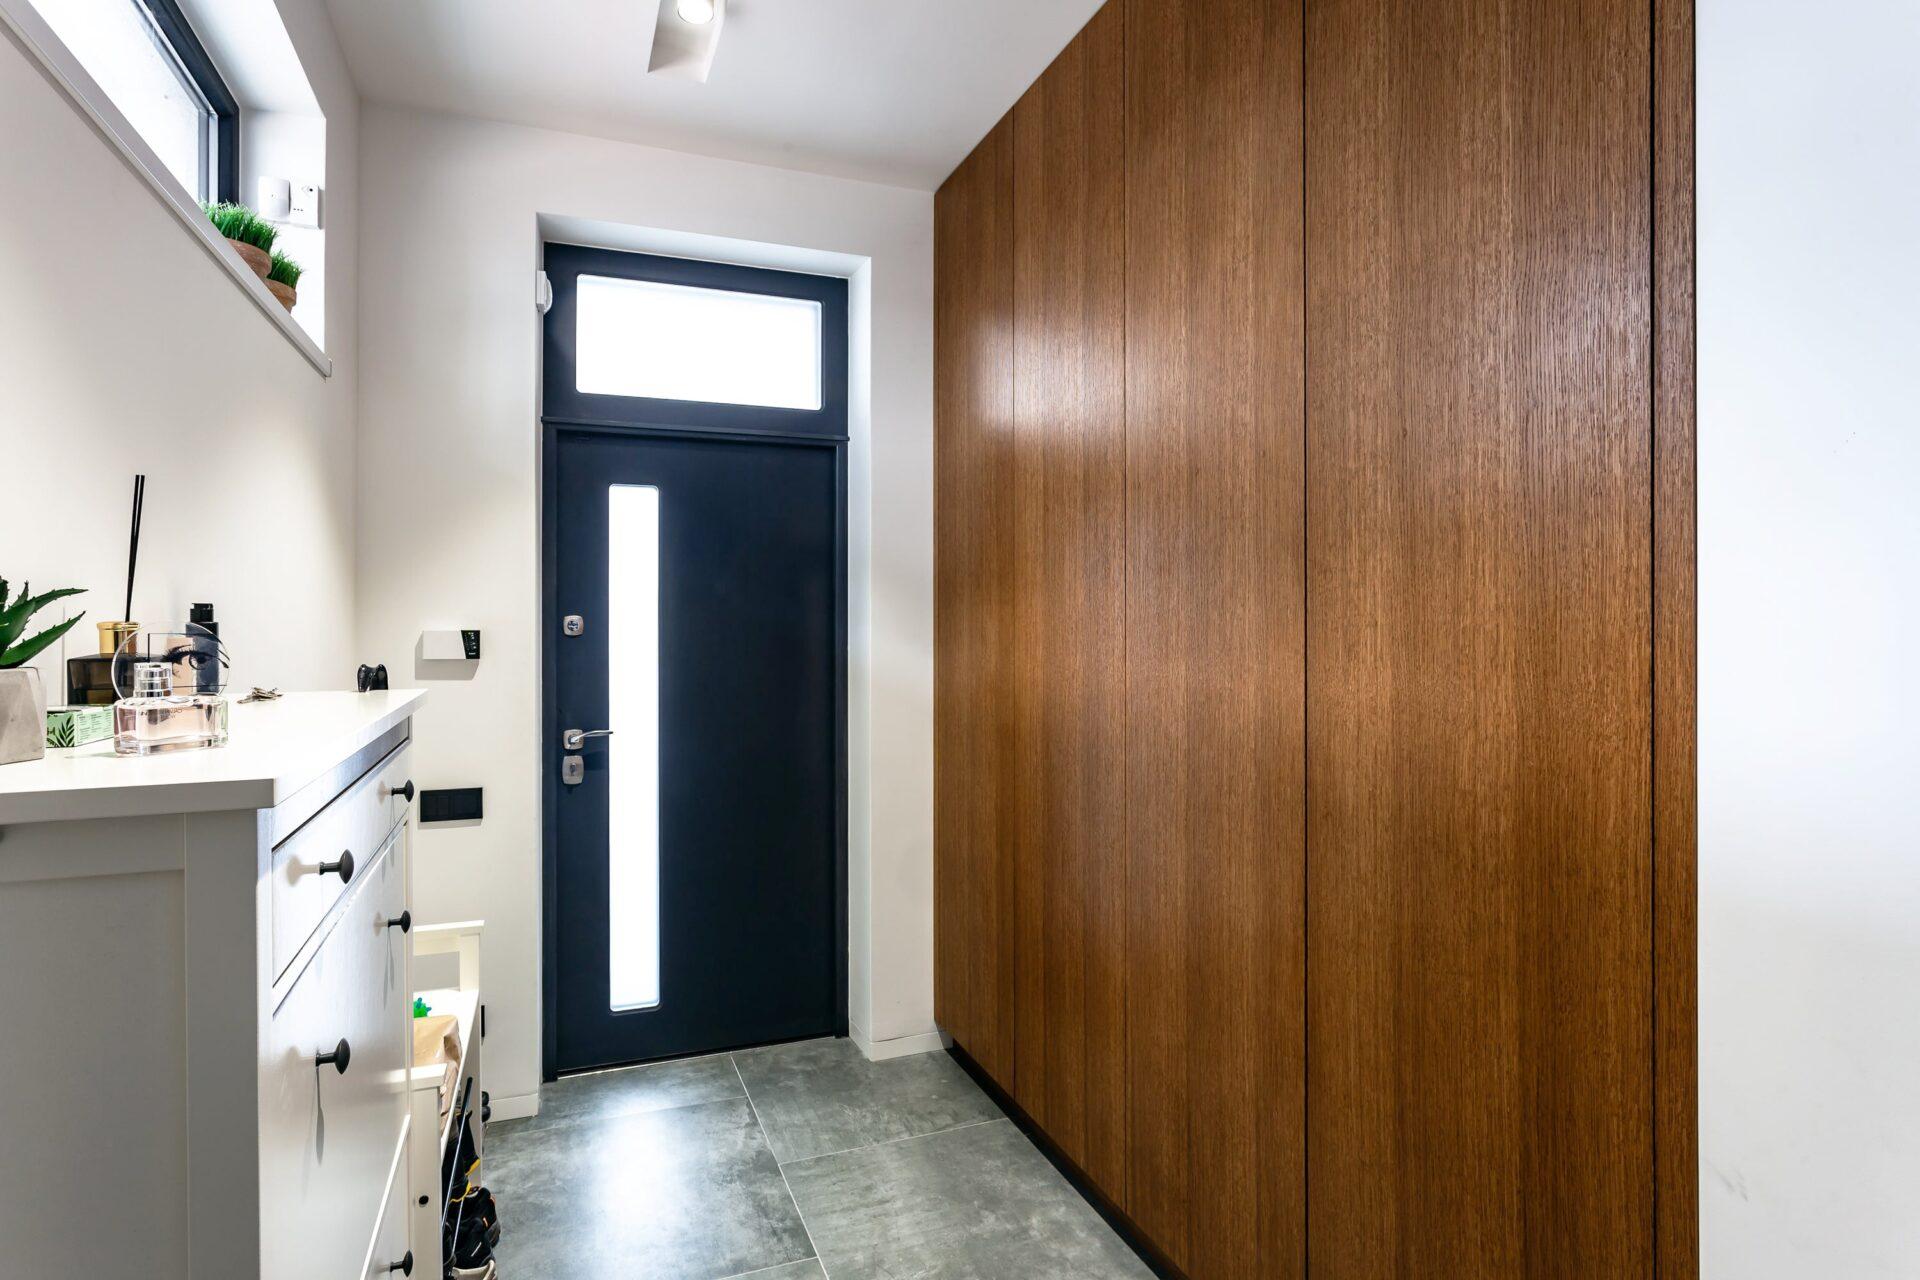 Bathroom Cleaf & Hallway Veneering 365